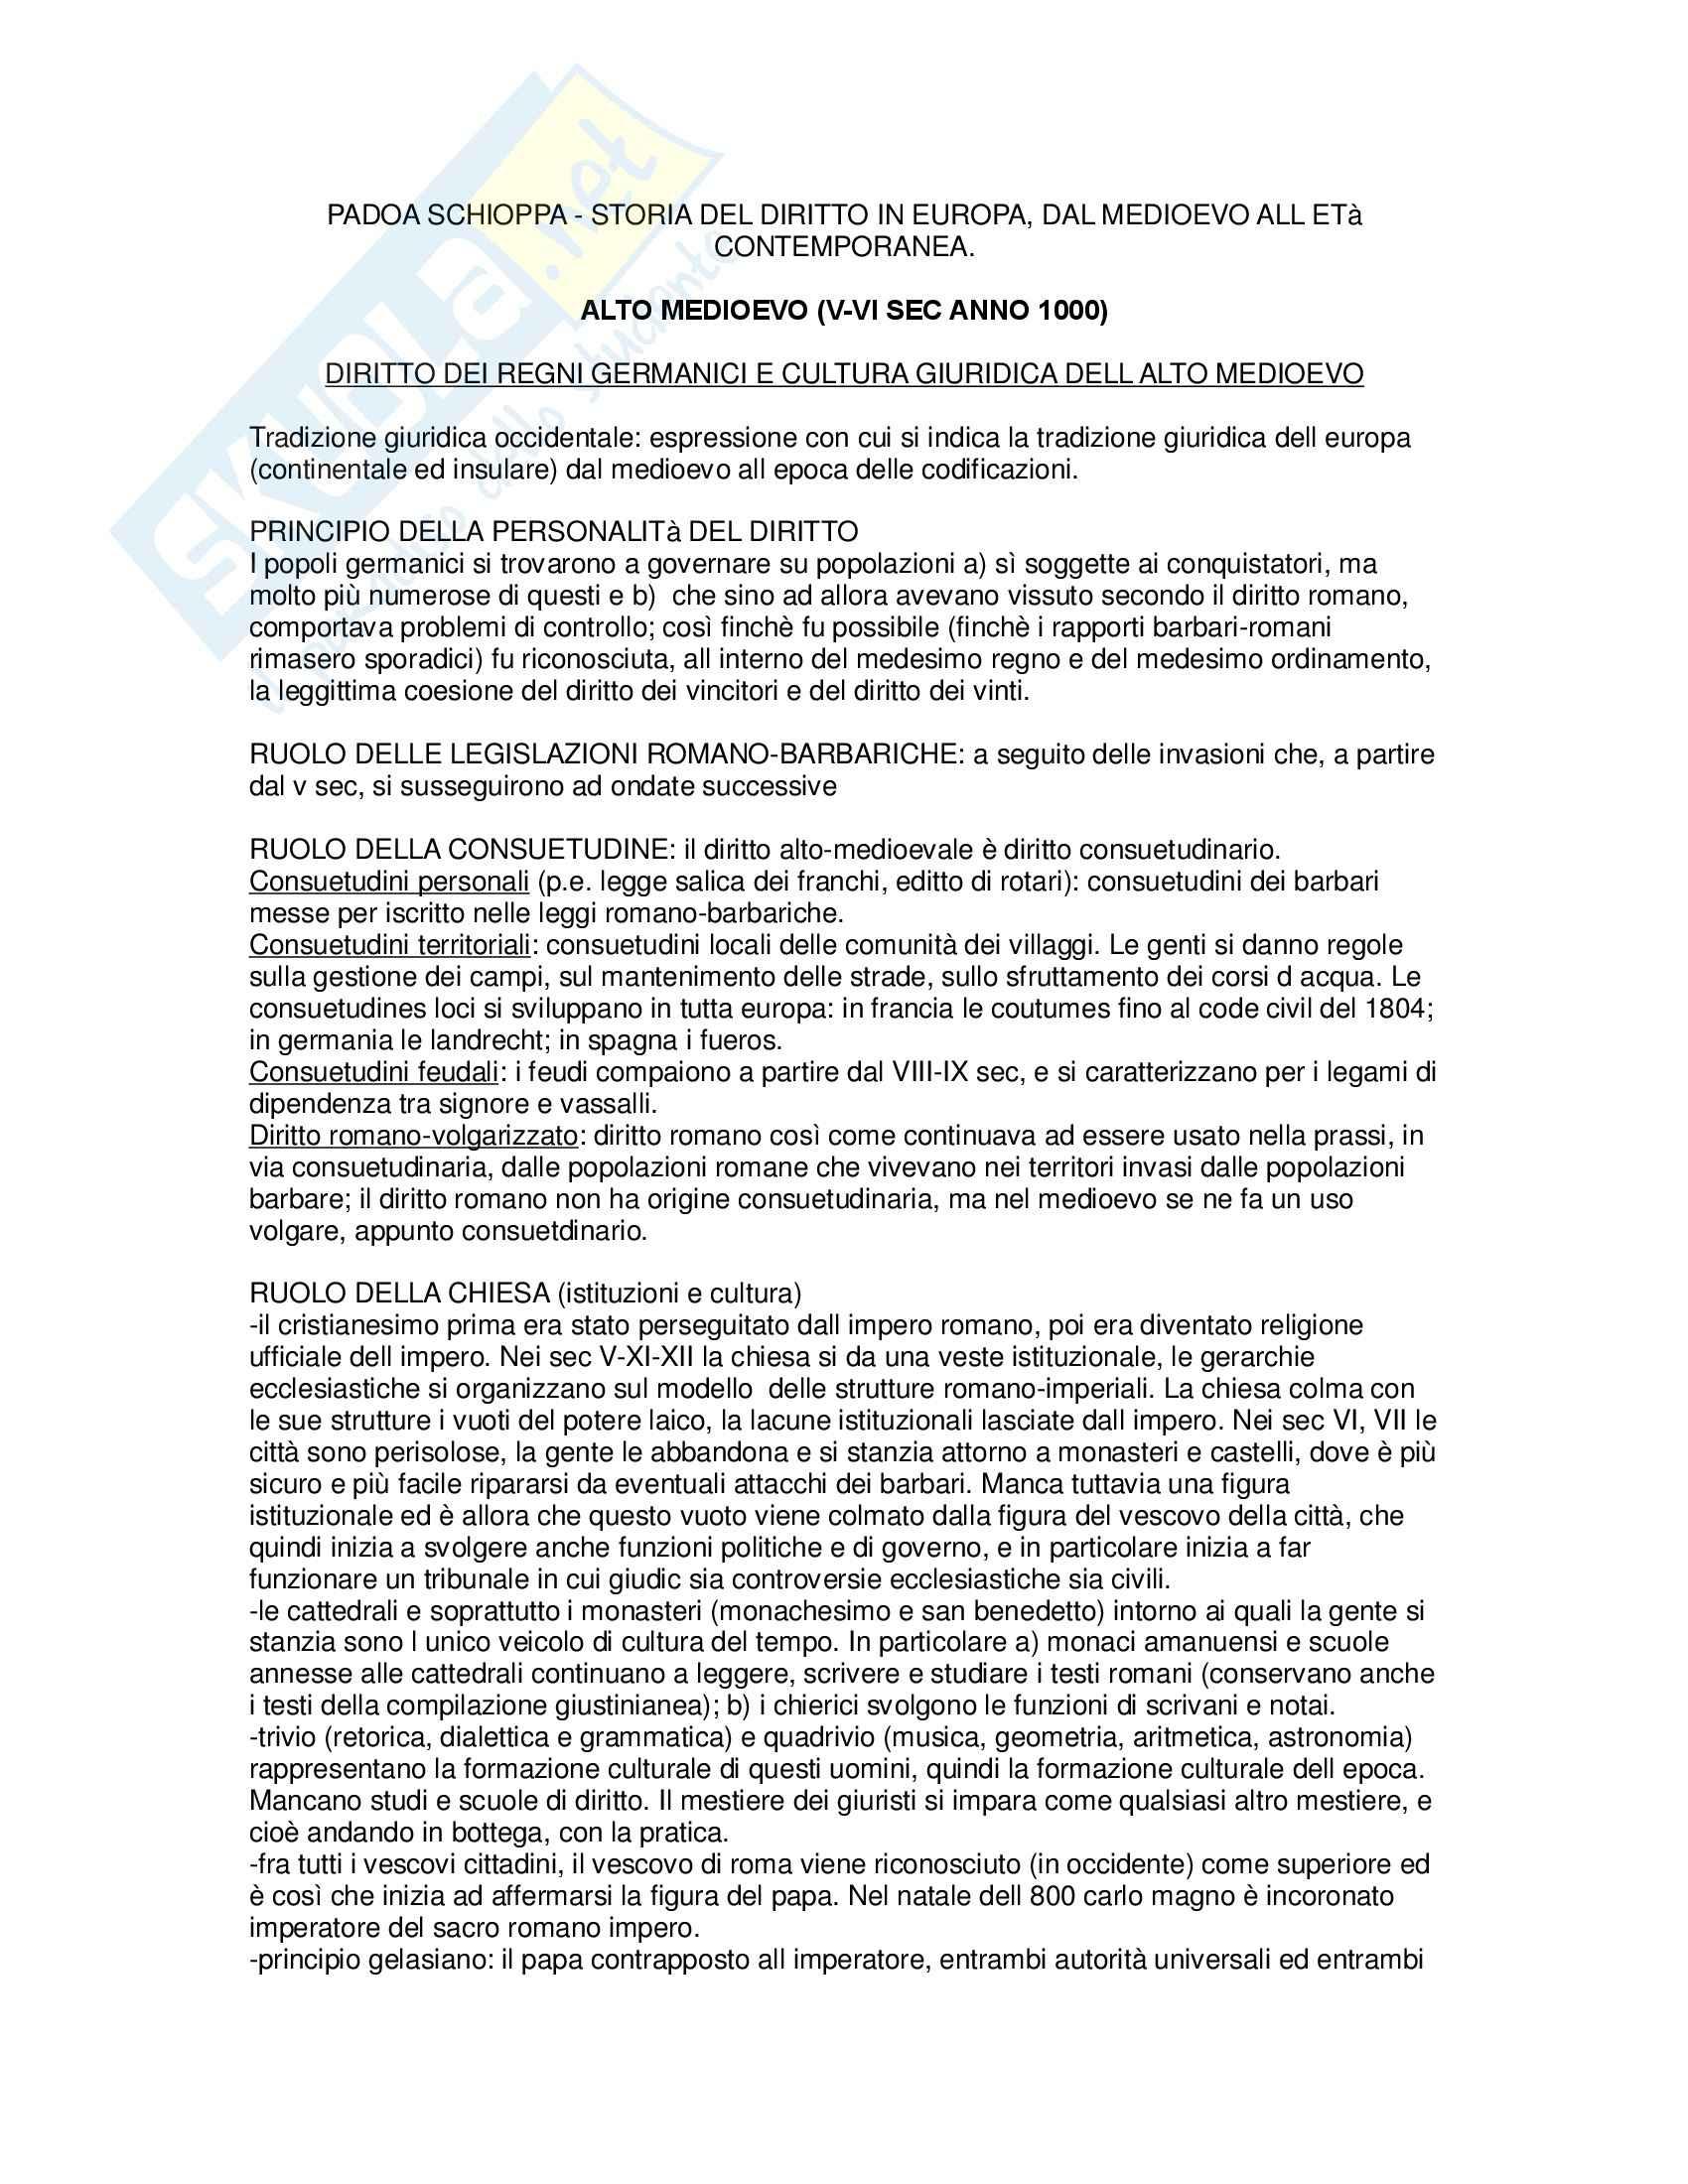 Storia del diritto in Europa - Padoa Schioppa - Riassunto esame, prof. Miglierino